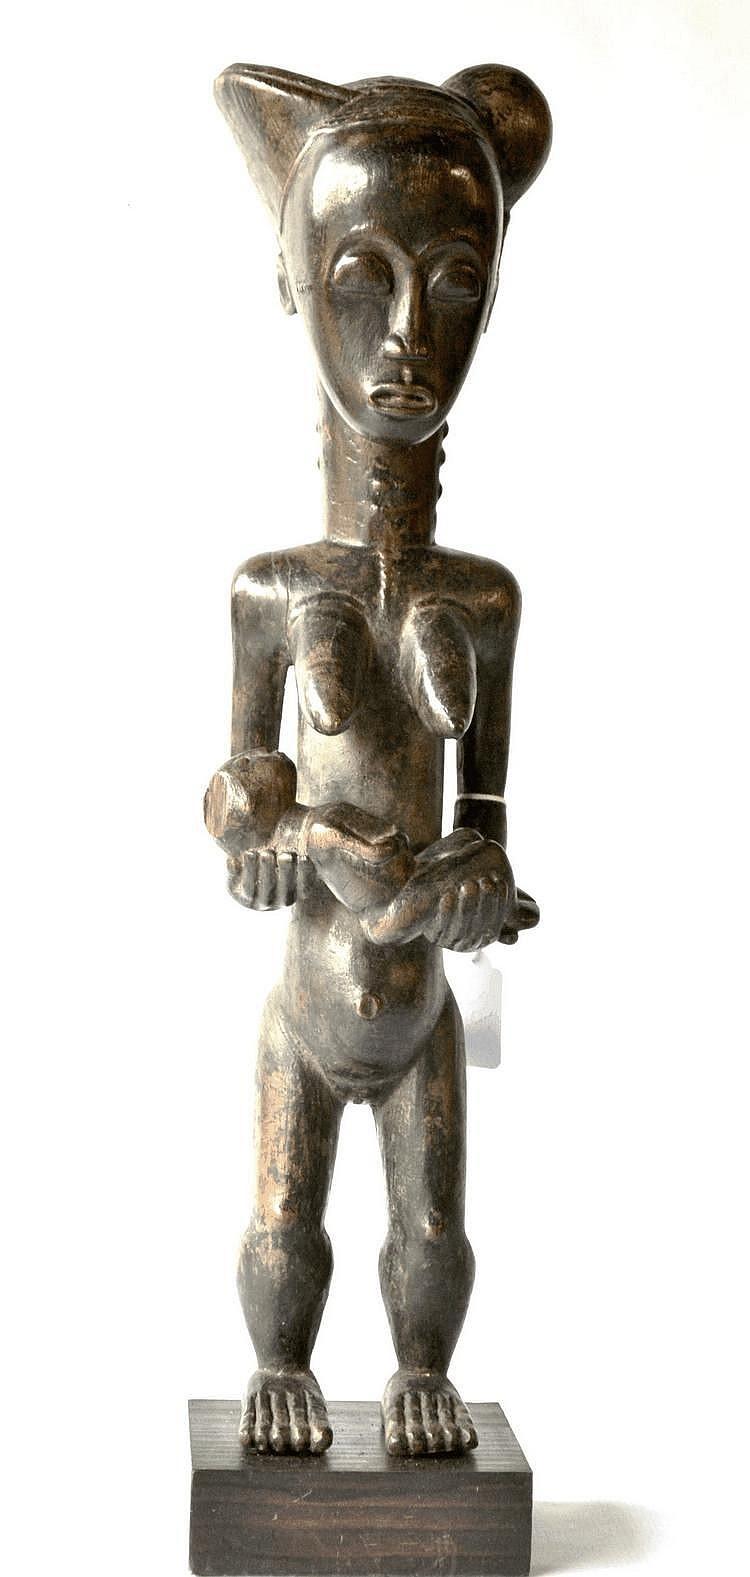 Côte d'Ivoire, BAOULE. Fort jolie statue féminine portant un enfant dans les bras. La coiffe royale et les yeux clos confèrent à cette pièce une dignité sobre et élégante. Le dos et le cou sont scarifiés de manière traditionnelle dans la statuaire